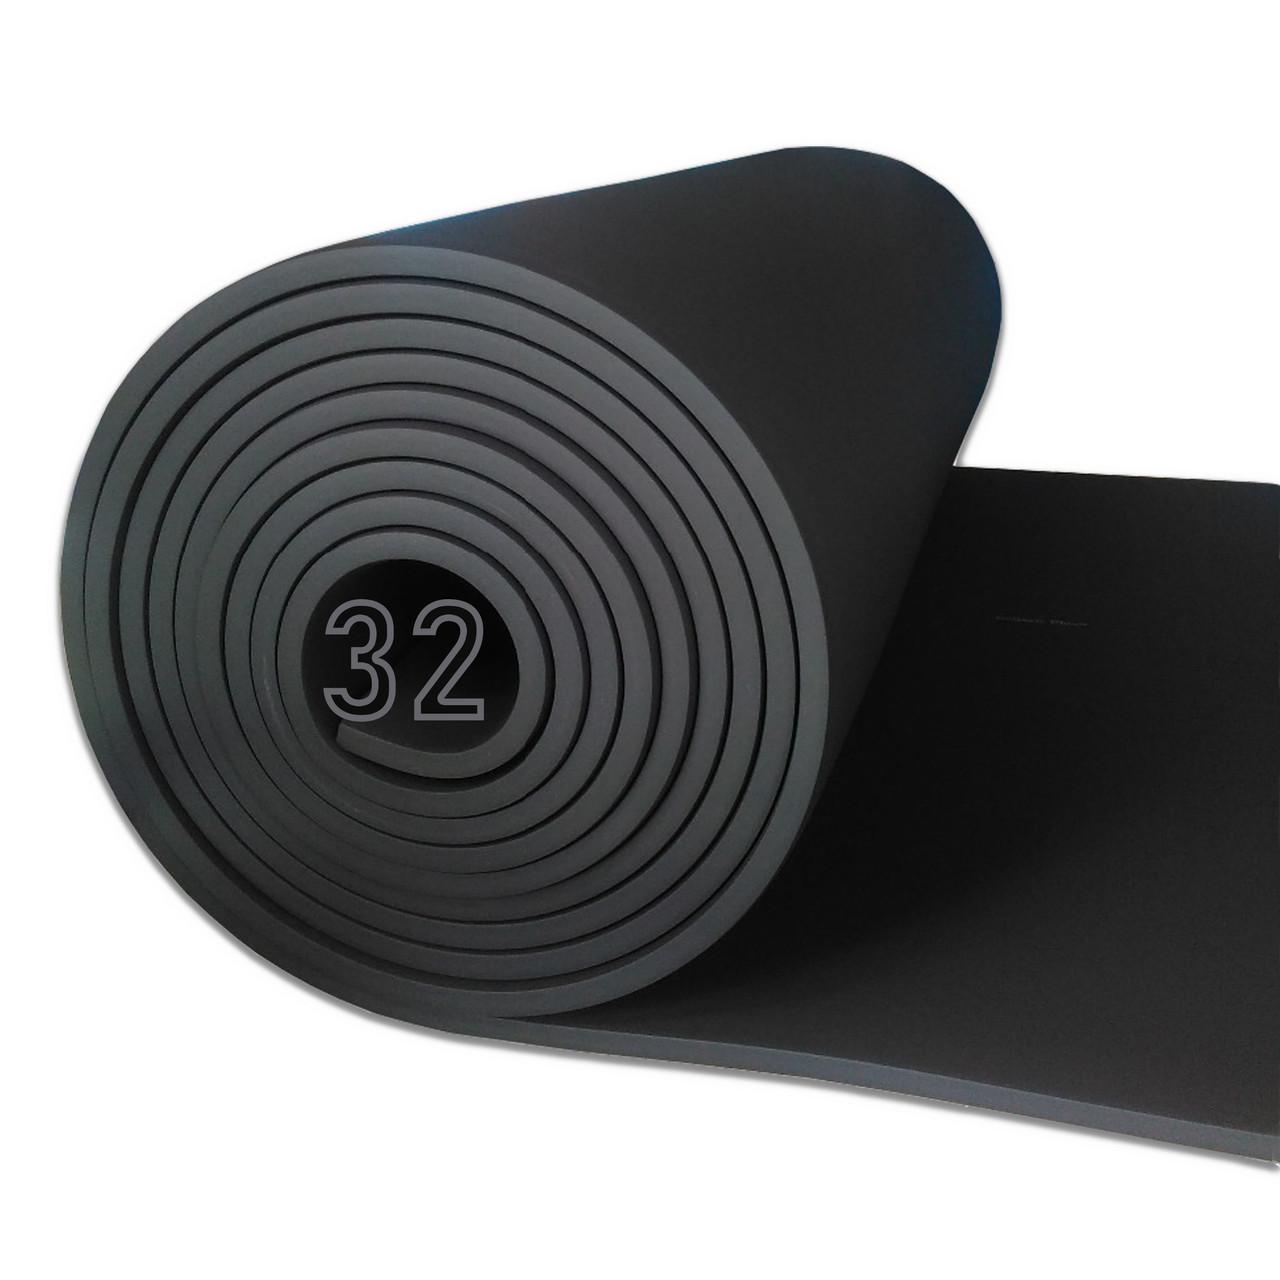 Вспененный каучук 32 мм цена за рулон (утеплитель, шумоизоляция)